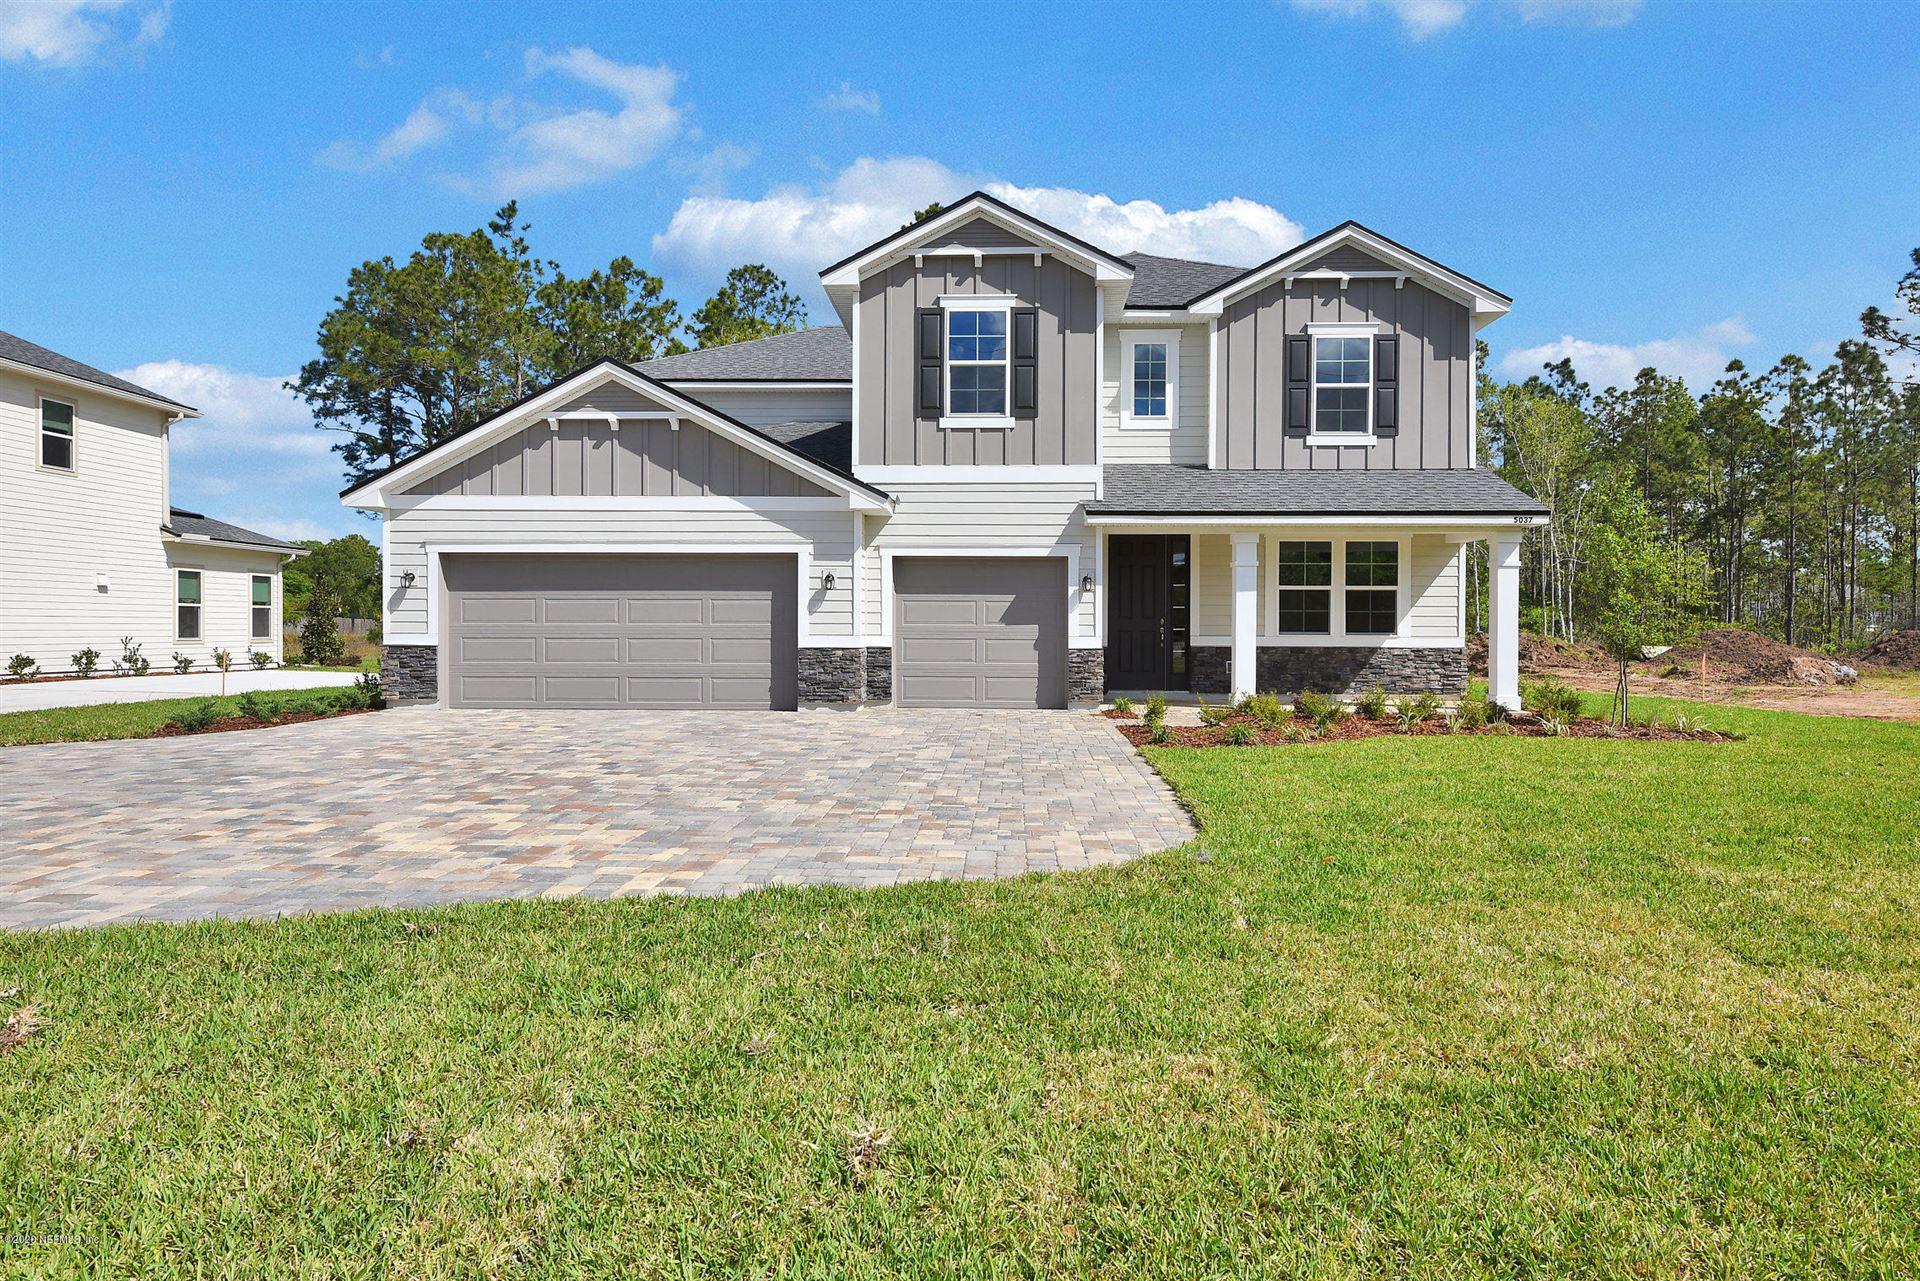 5037 LOSCO RD #Lot No: 37, Jacksonville, FL 32257 - MLS#: 1045215